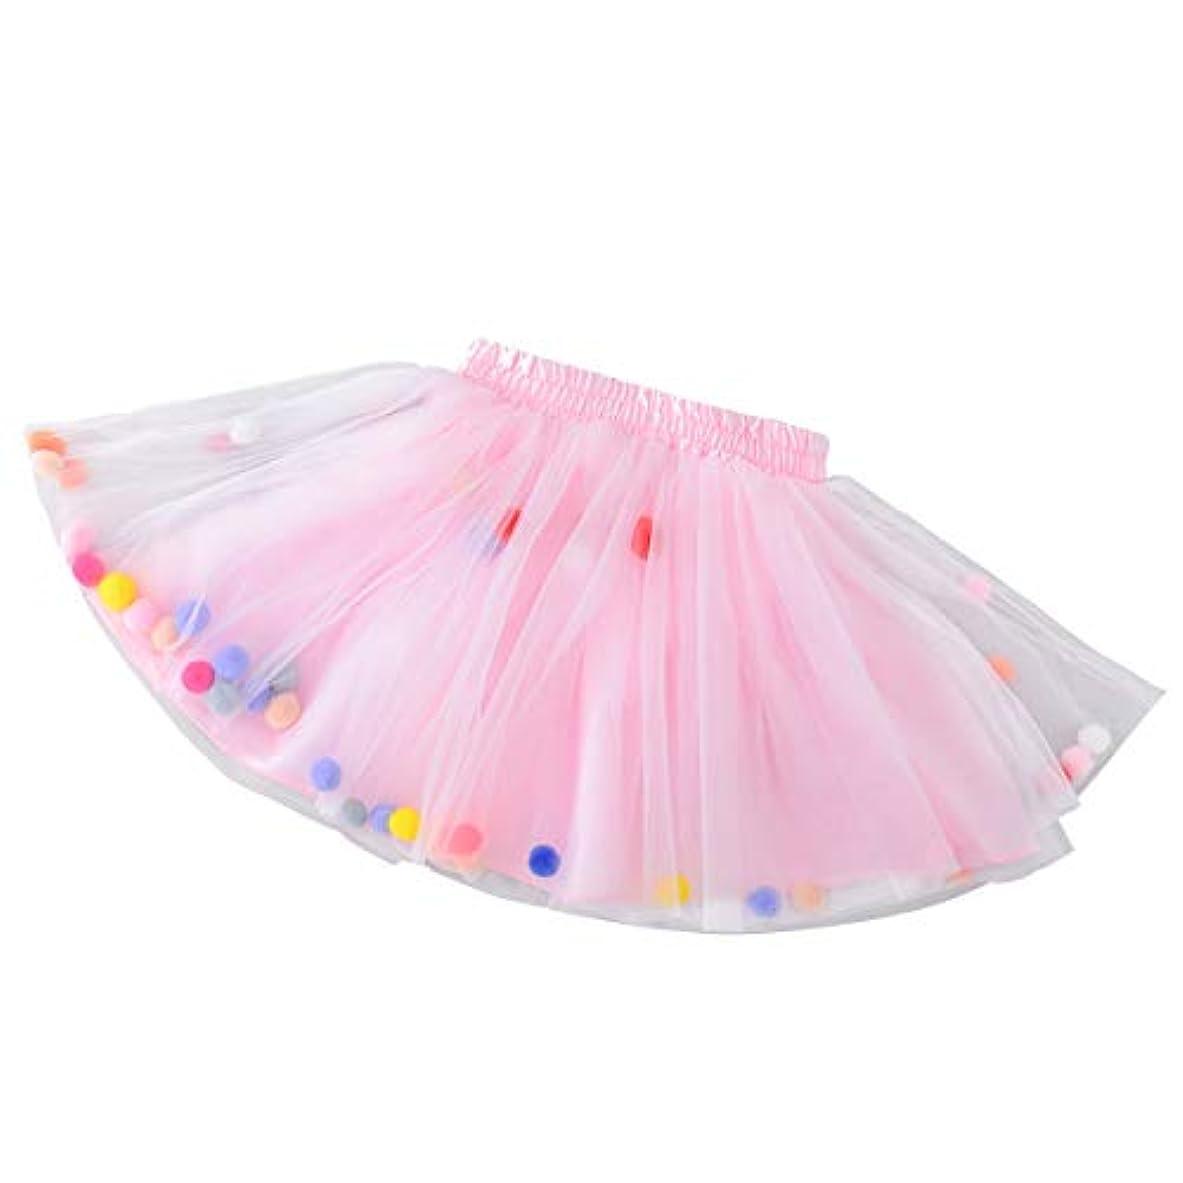 薄汚い指定する心のこもったYeahiBaby 子供チュチュスカートラブリーピンクミディスカートカラフルなファジーボールガーゼスカートプリンセスドレス衣装用女の子(サイズxl)